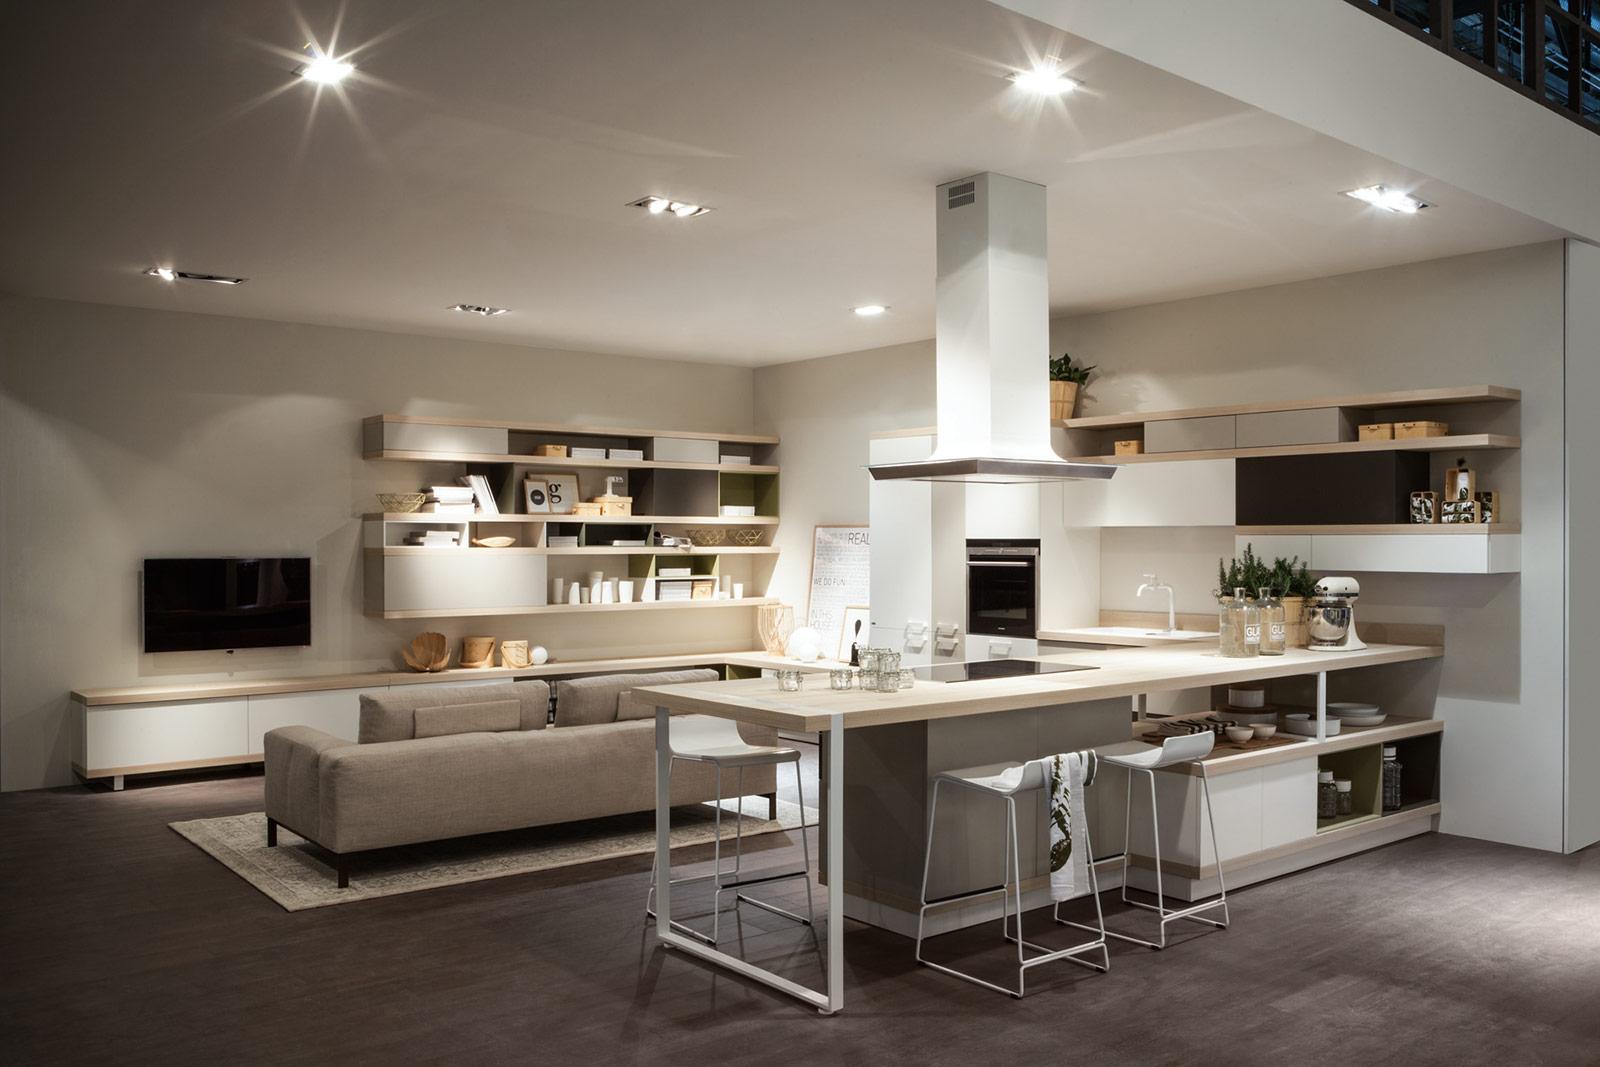 Best Cucine E Soggiorno Unico Ambiente Pictures - Design Trends 2017 ...